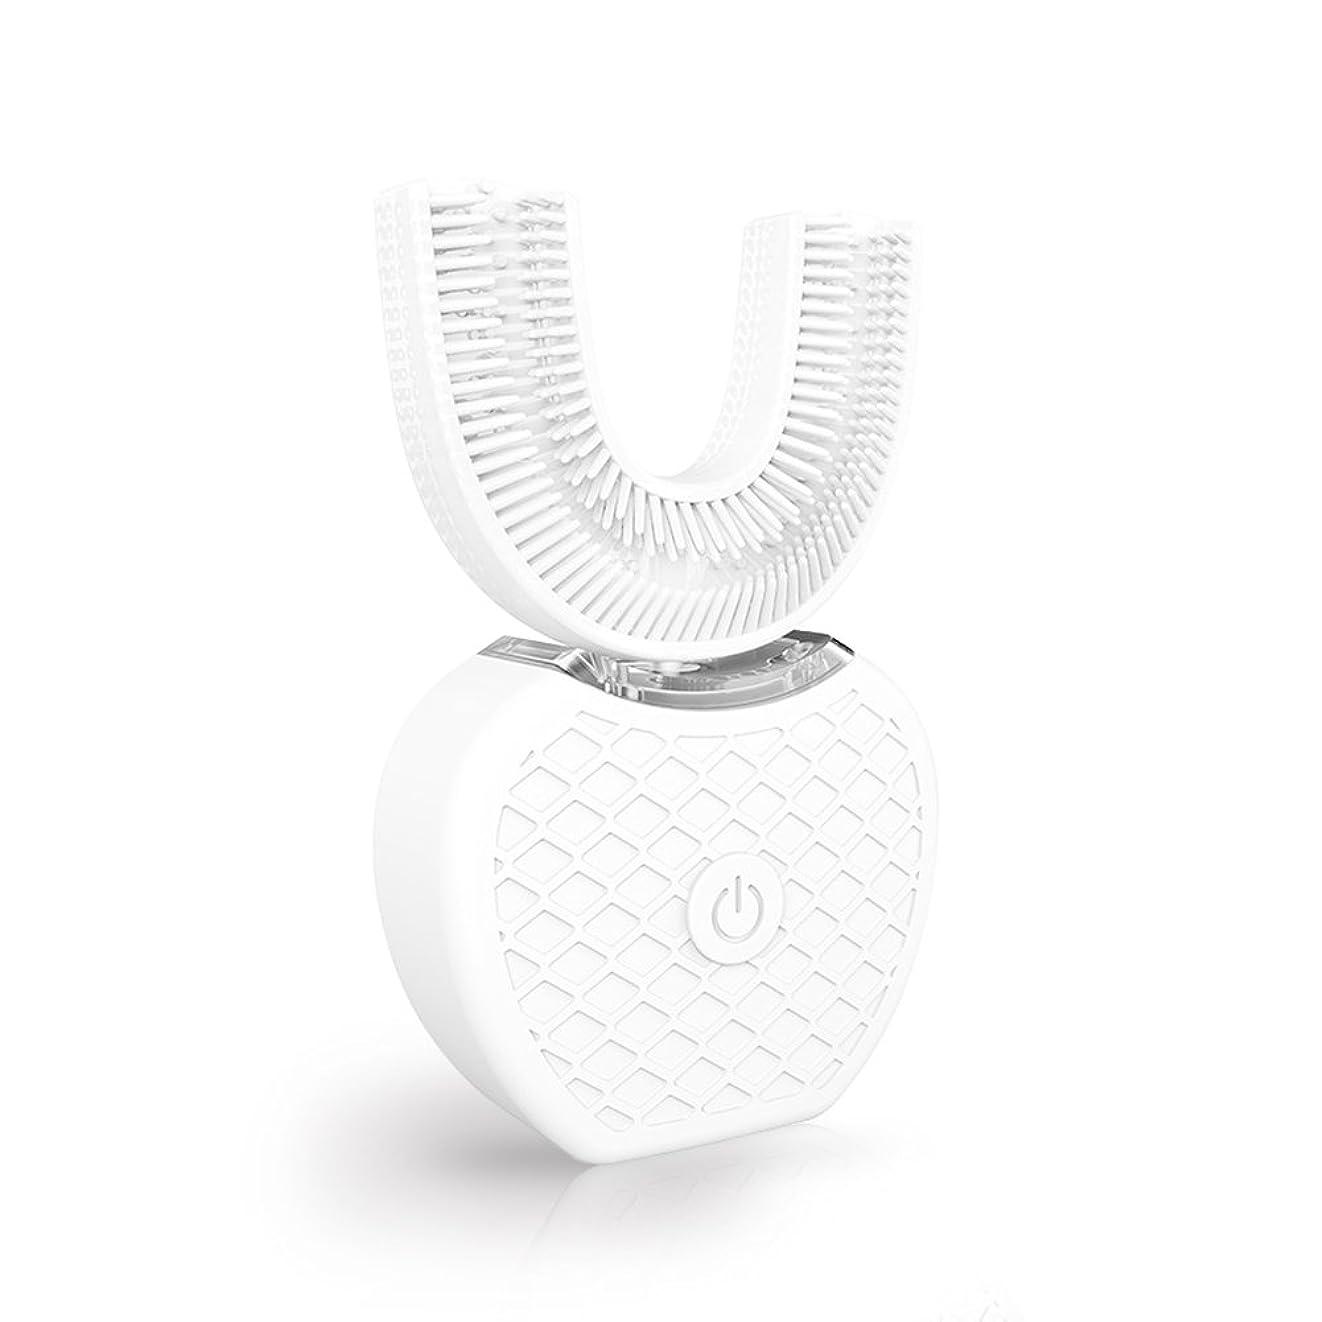 有彩色のを除くチャーミングHANSHUMY 自動歯ブラシ 怠け者歯ブラシ ナノブルレー 電動 U型 超音波 専門360°全方位 4段調節 15秒に細菌清浄 IPX7レベル防水 自動 歯ブラシ ホワイト